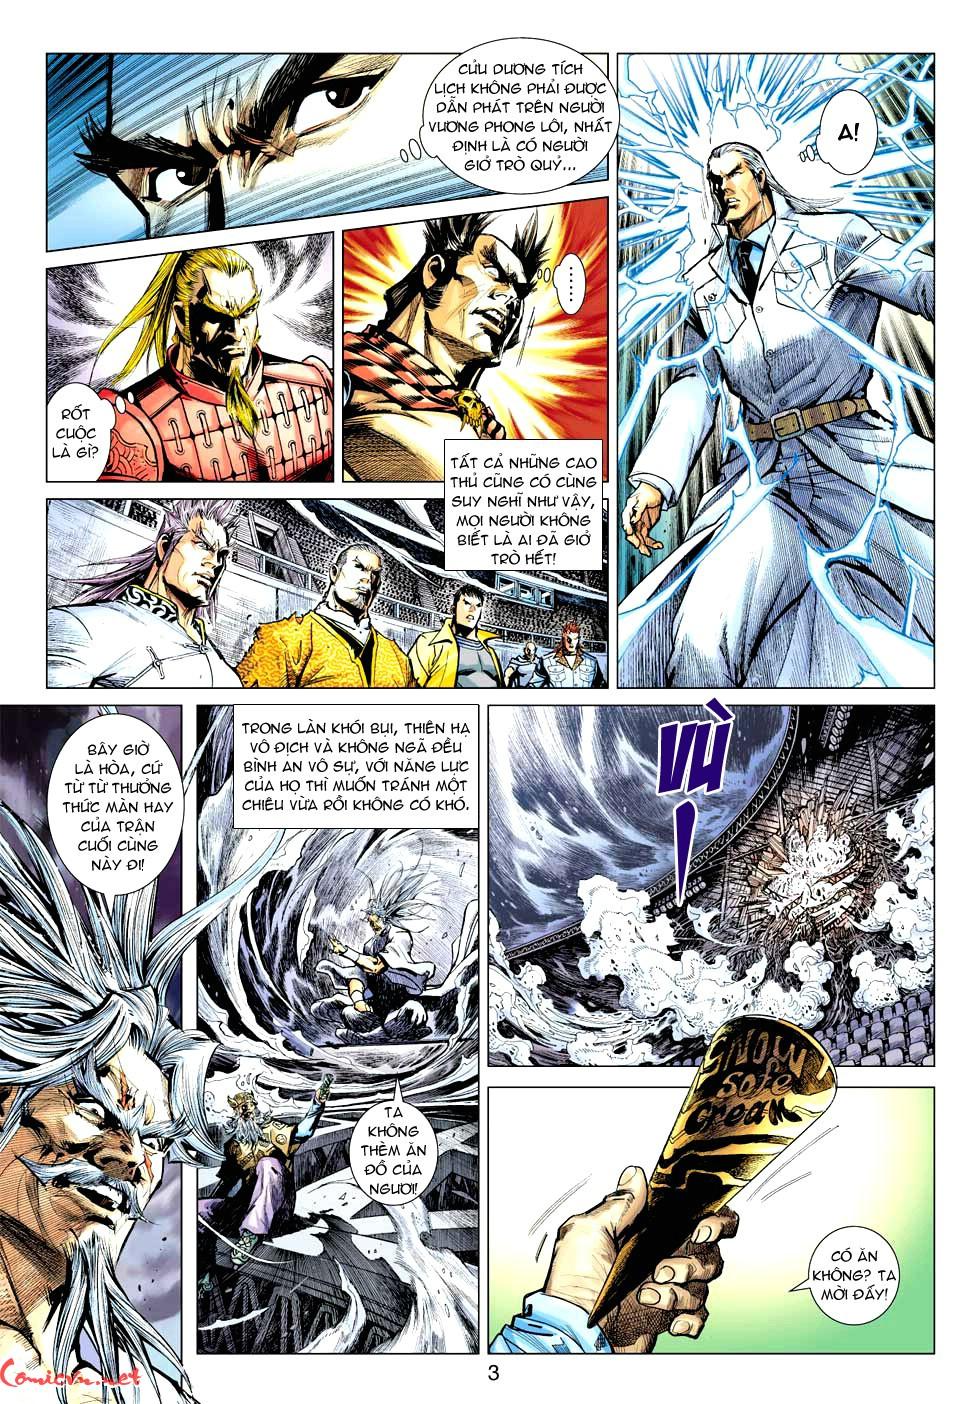 Vương Phong Lôi 1 chap 32 - Trang 3